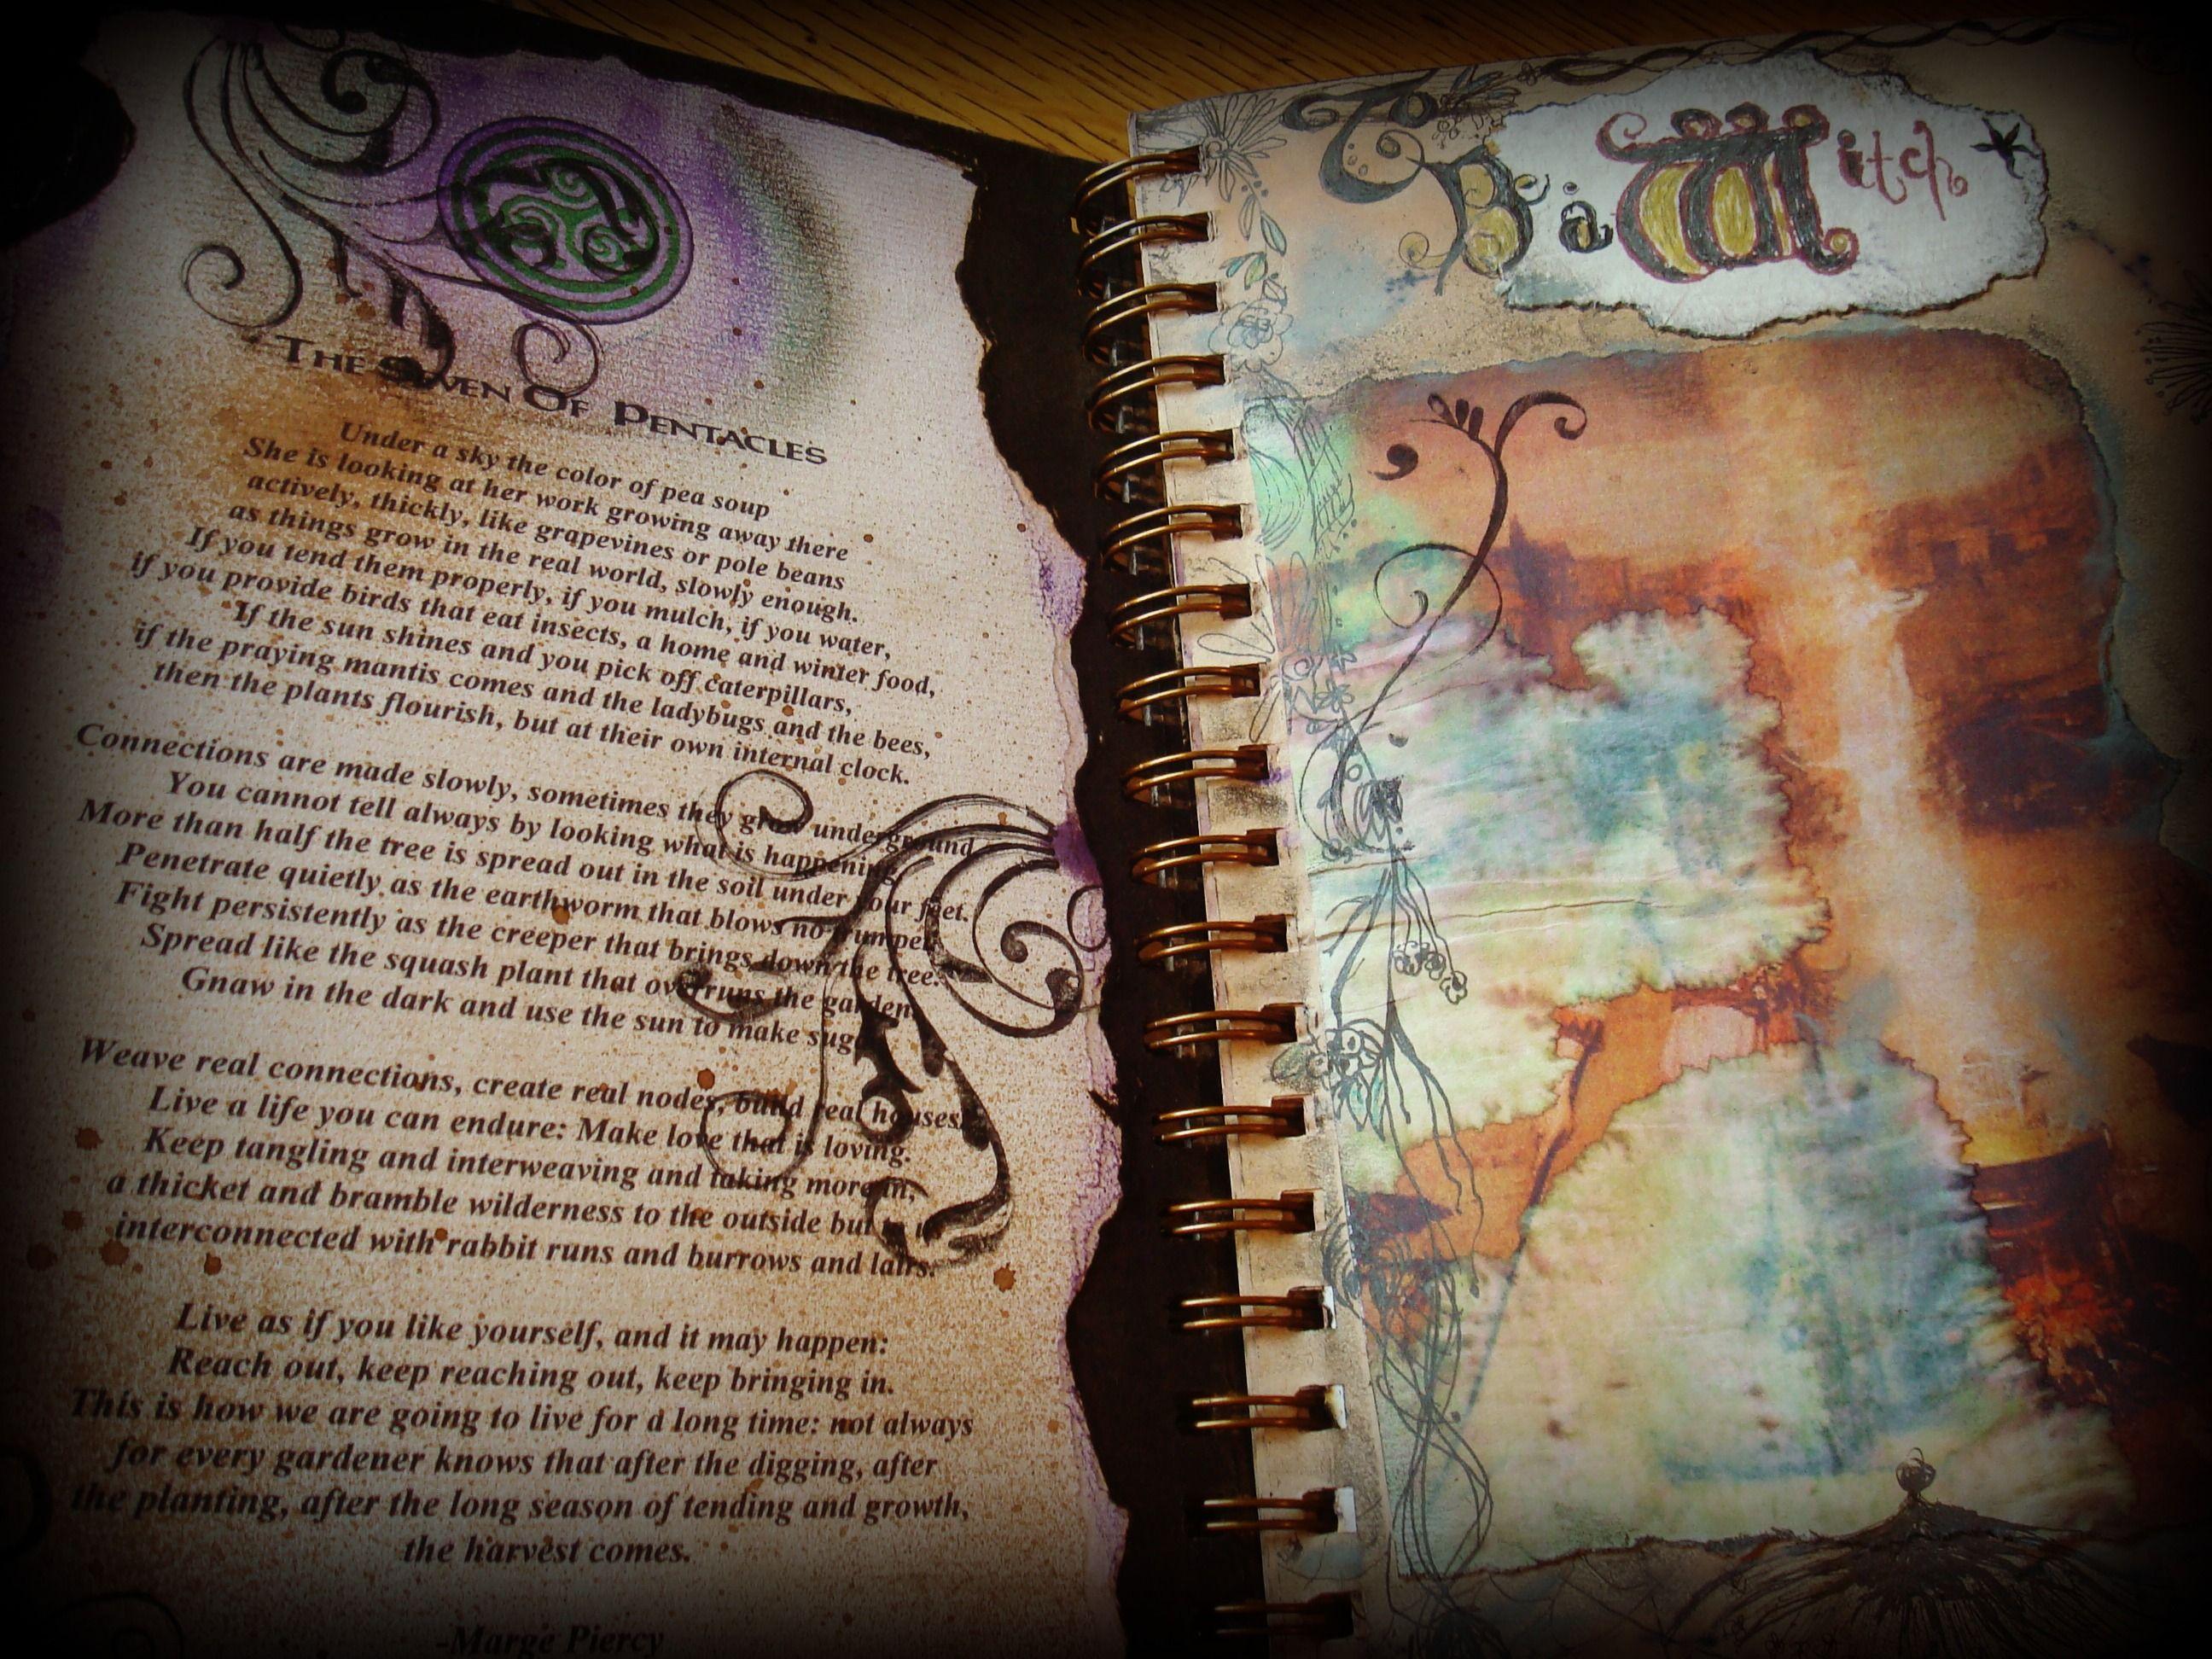 Book of Shadows www.circlemagica.com